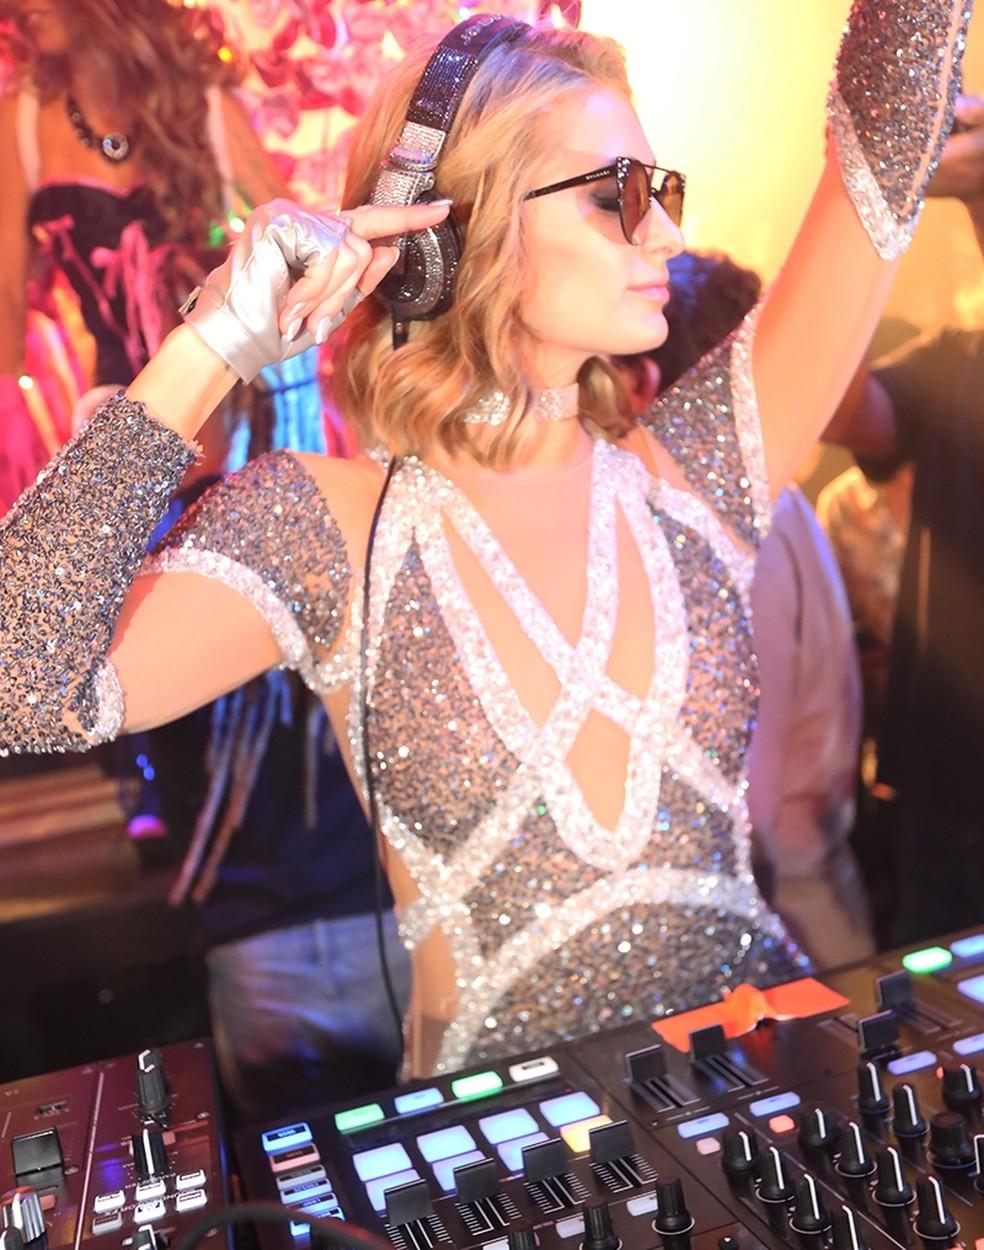 A DJ Paris Hilton animou o público de um casa noturna em Jurerê Internacional  (Foto: Ângelo Santos/Divulgação)